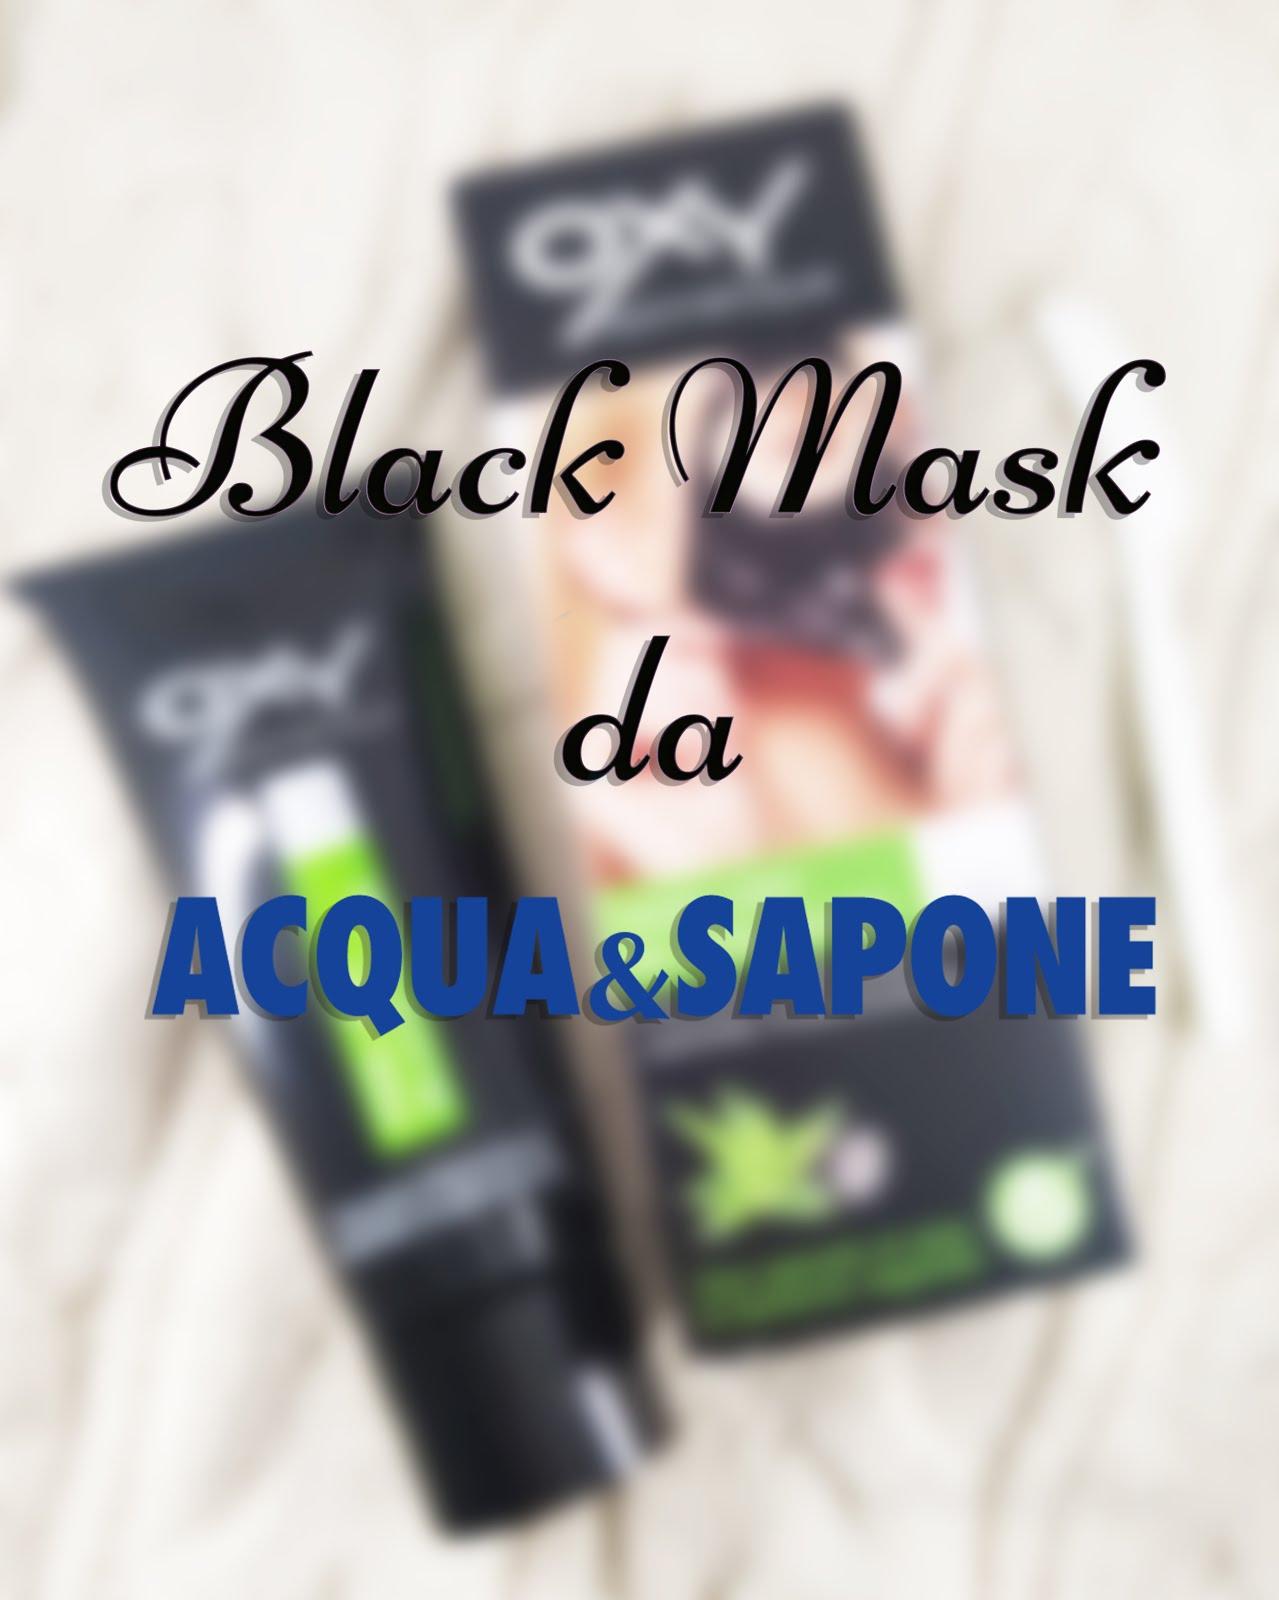 Black Mask da Acqua e Sapone